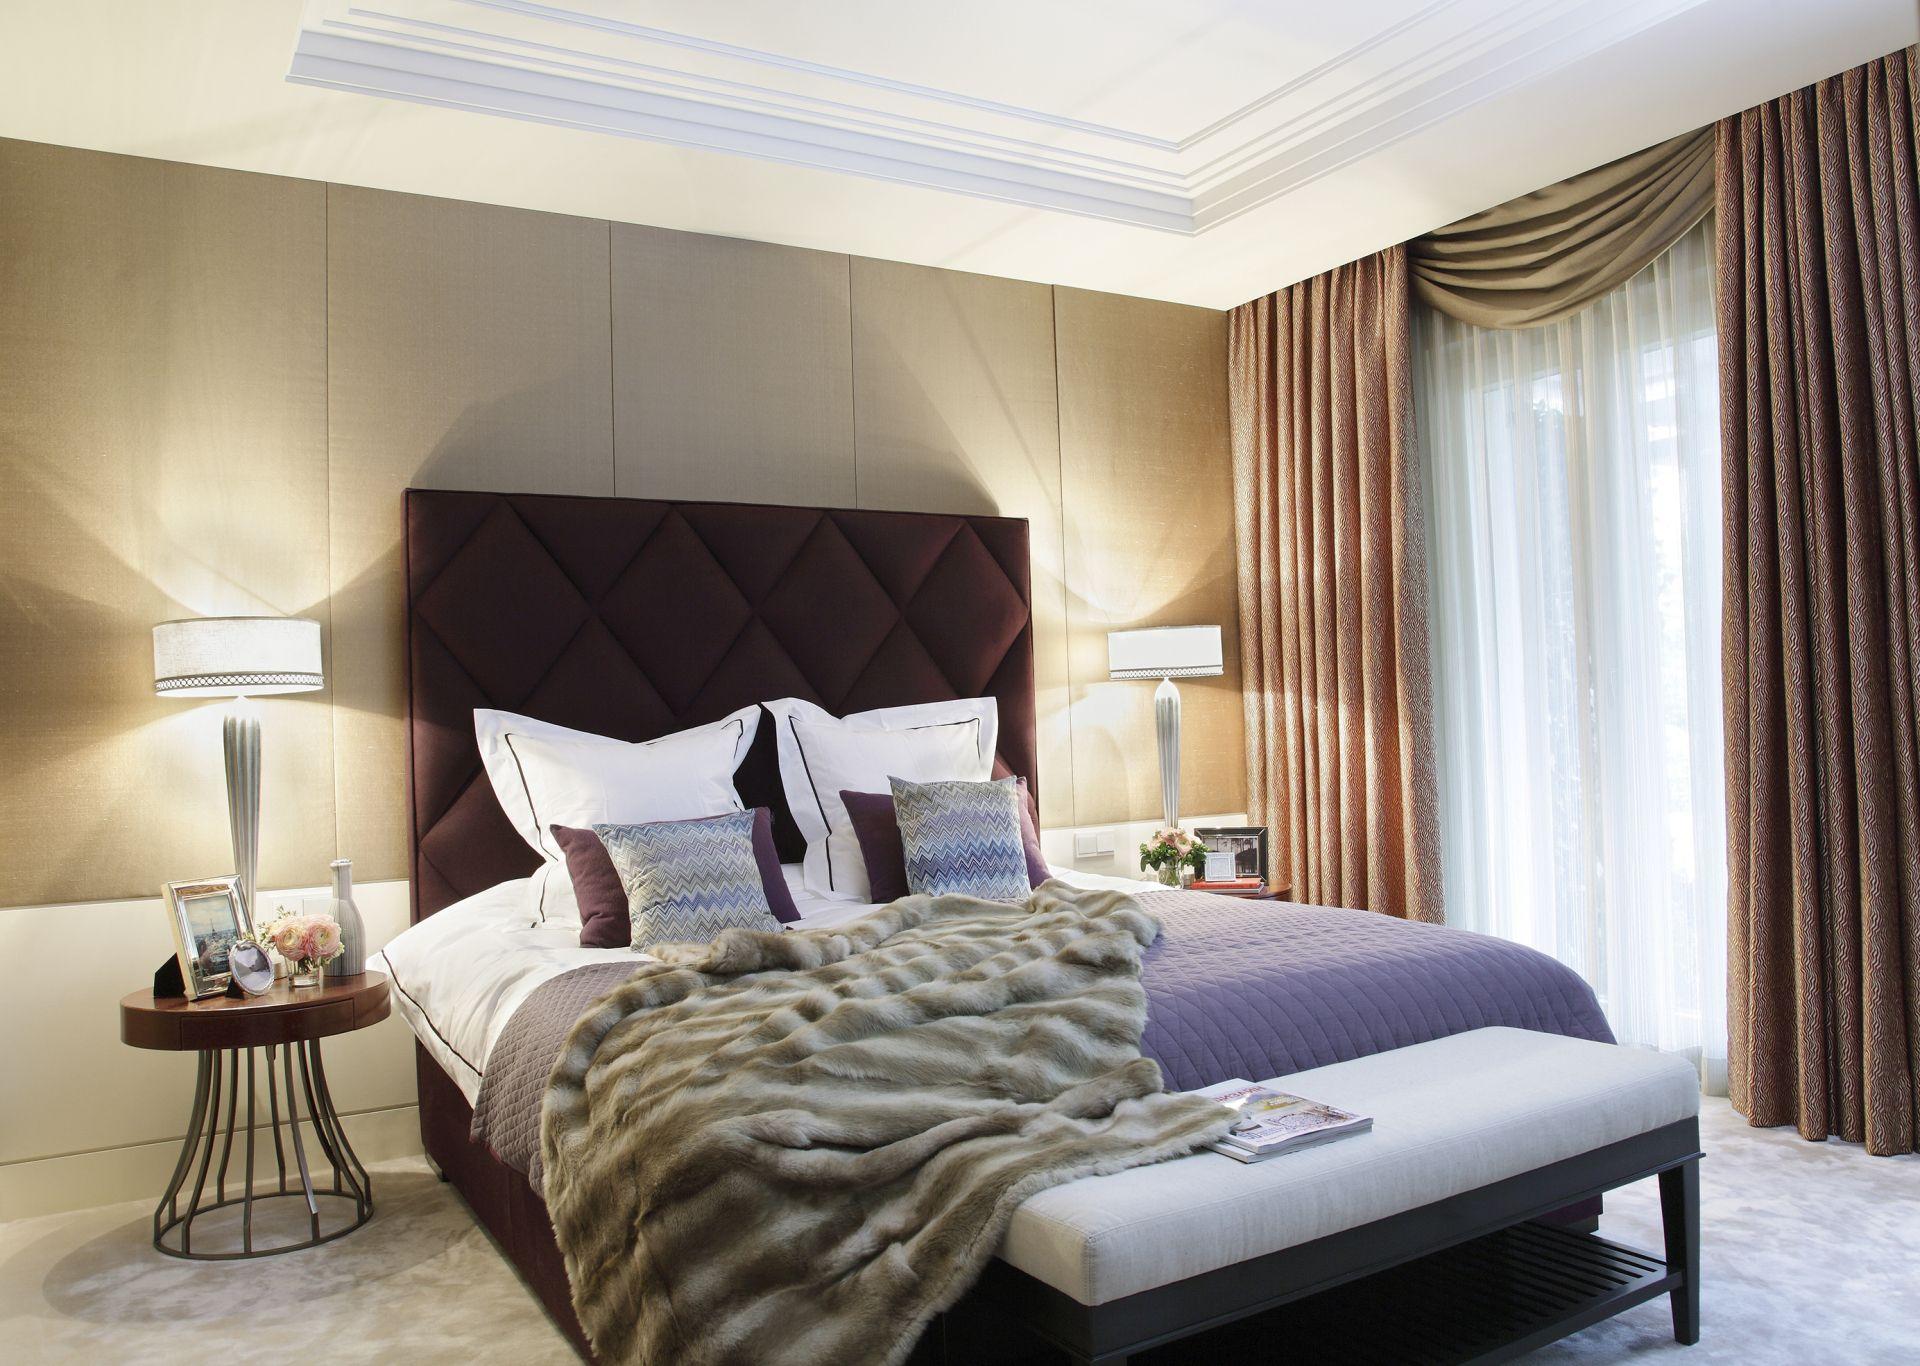 klassisch modernes schlafzimmer. Black Bedroom Furniture Sets. Home Design Ideas